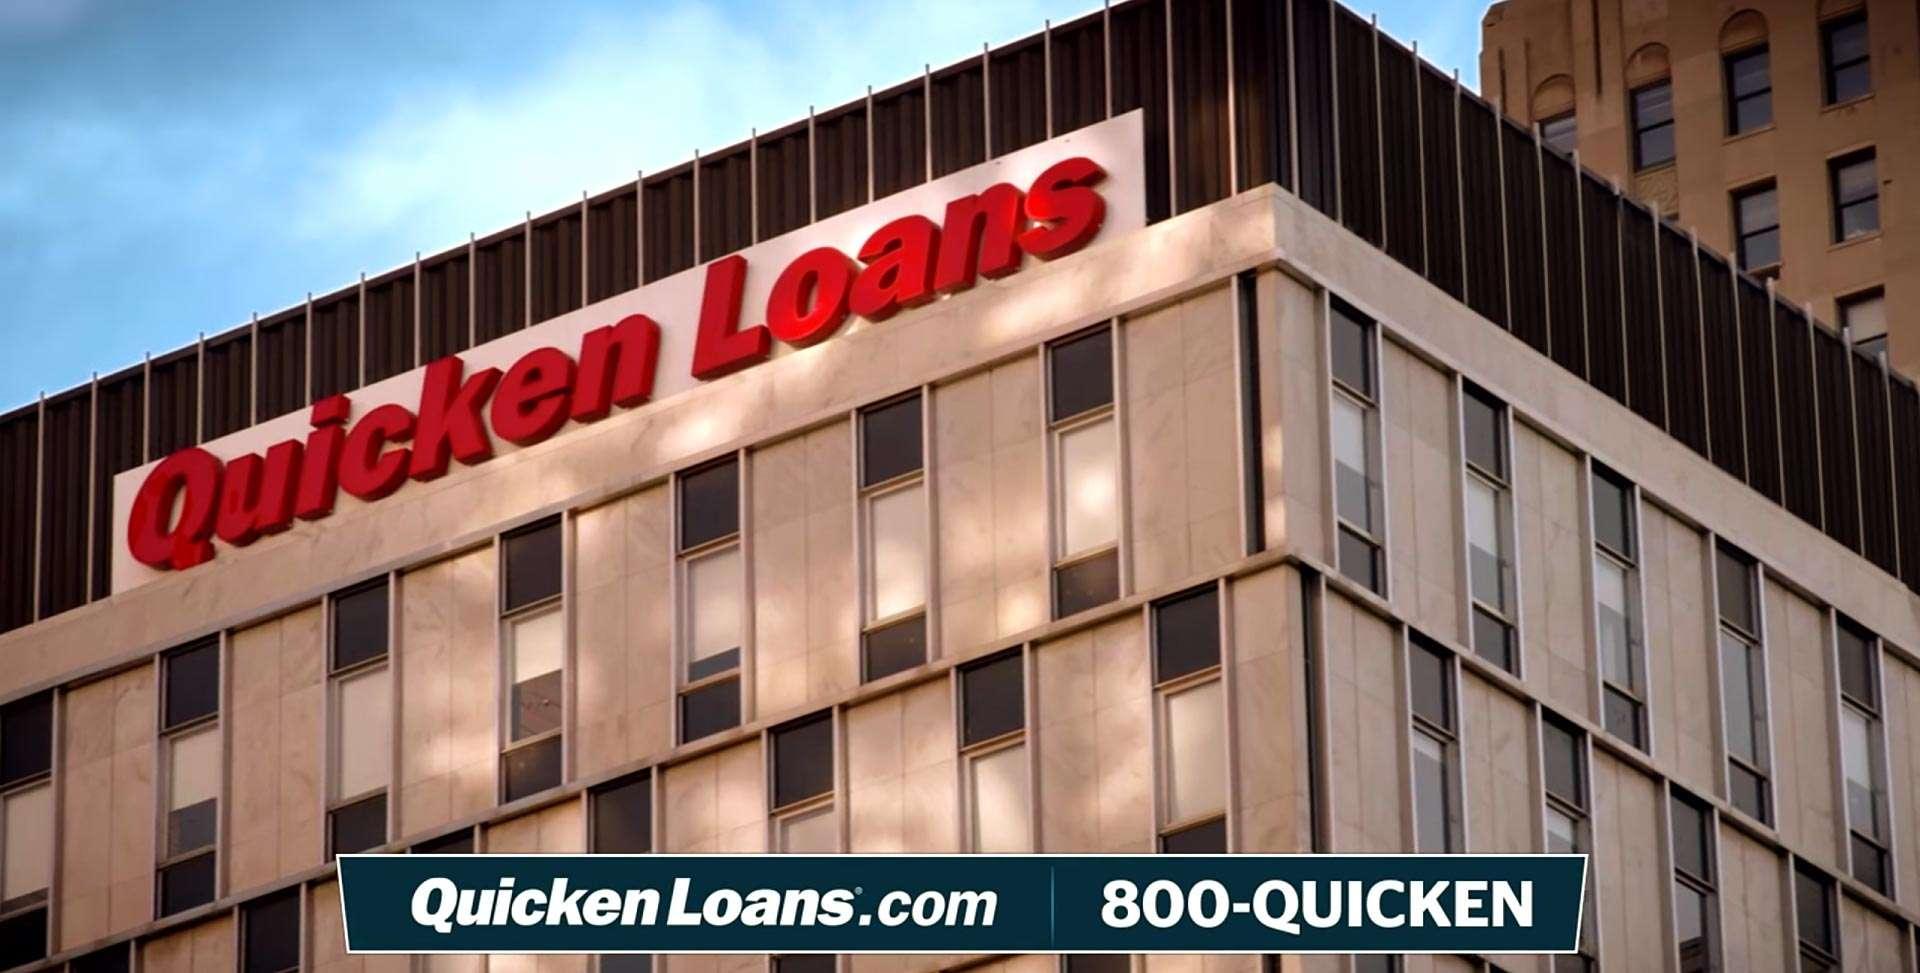 Quicken Loans Commercials